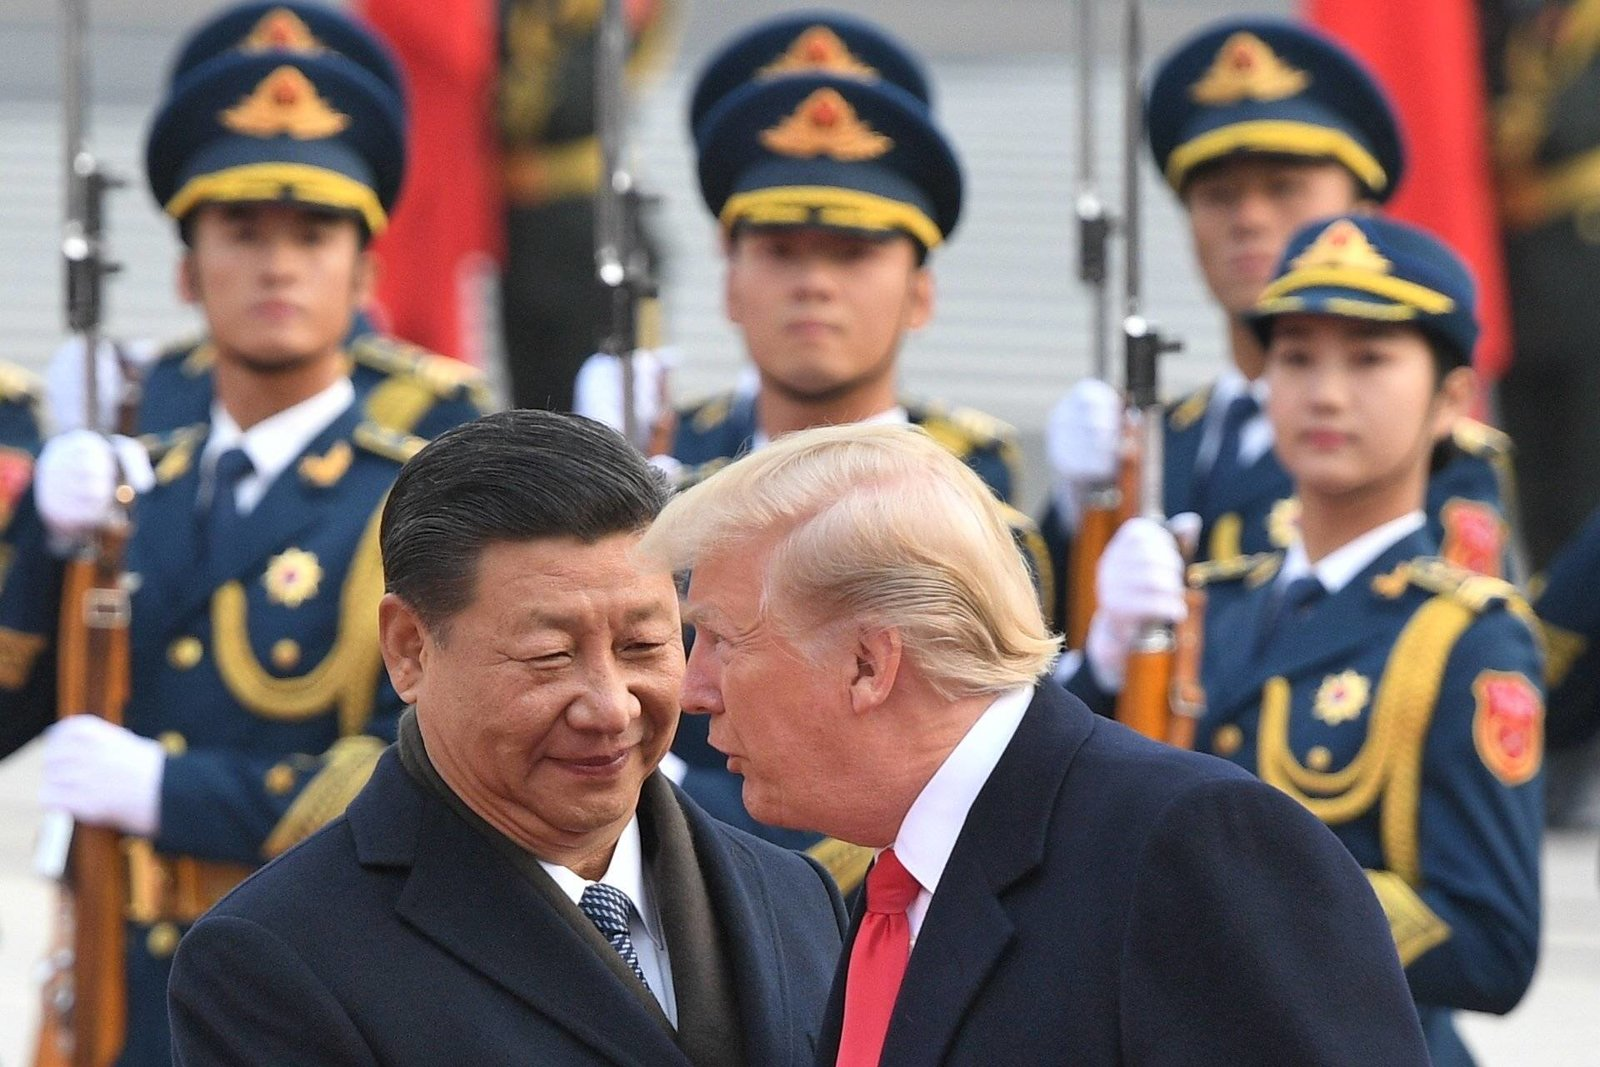 EU sanciona a organización paramilitar china en Xinjiang